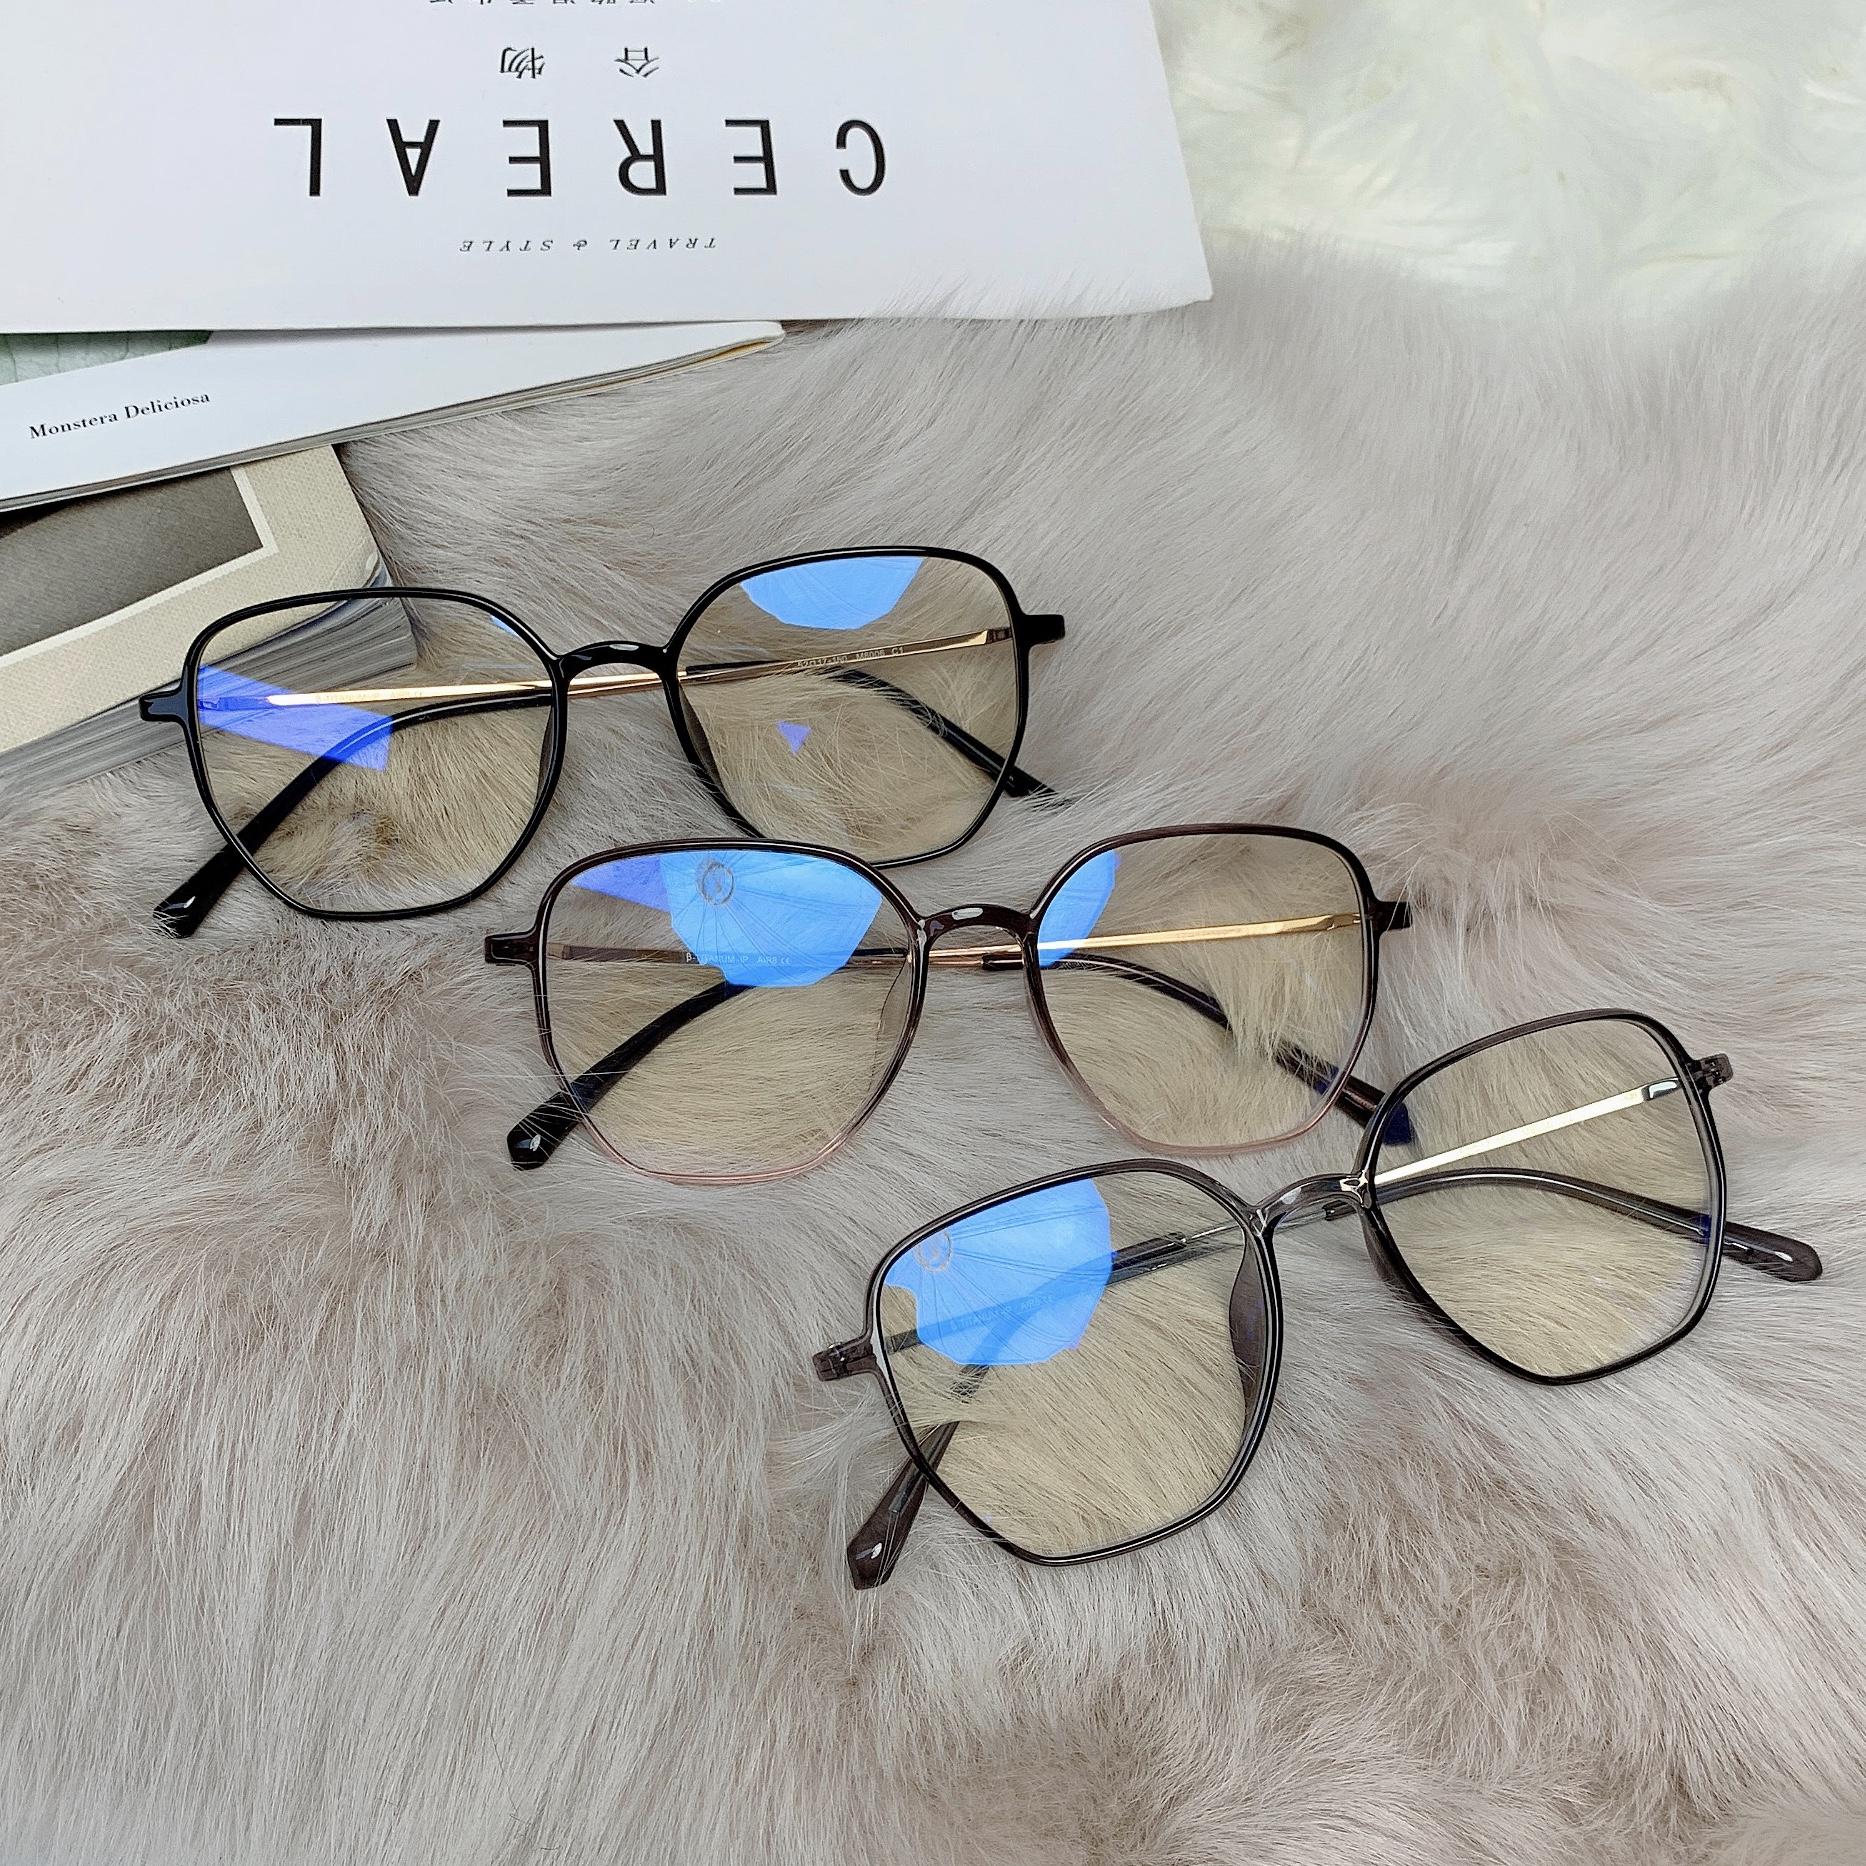 祖艾 自制【羽毛框】钛材质仅6g防蓝光眼镜可换镜片眼镜女